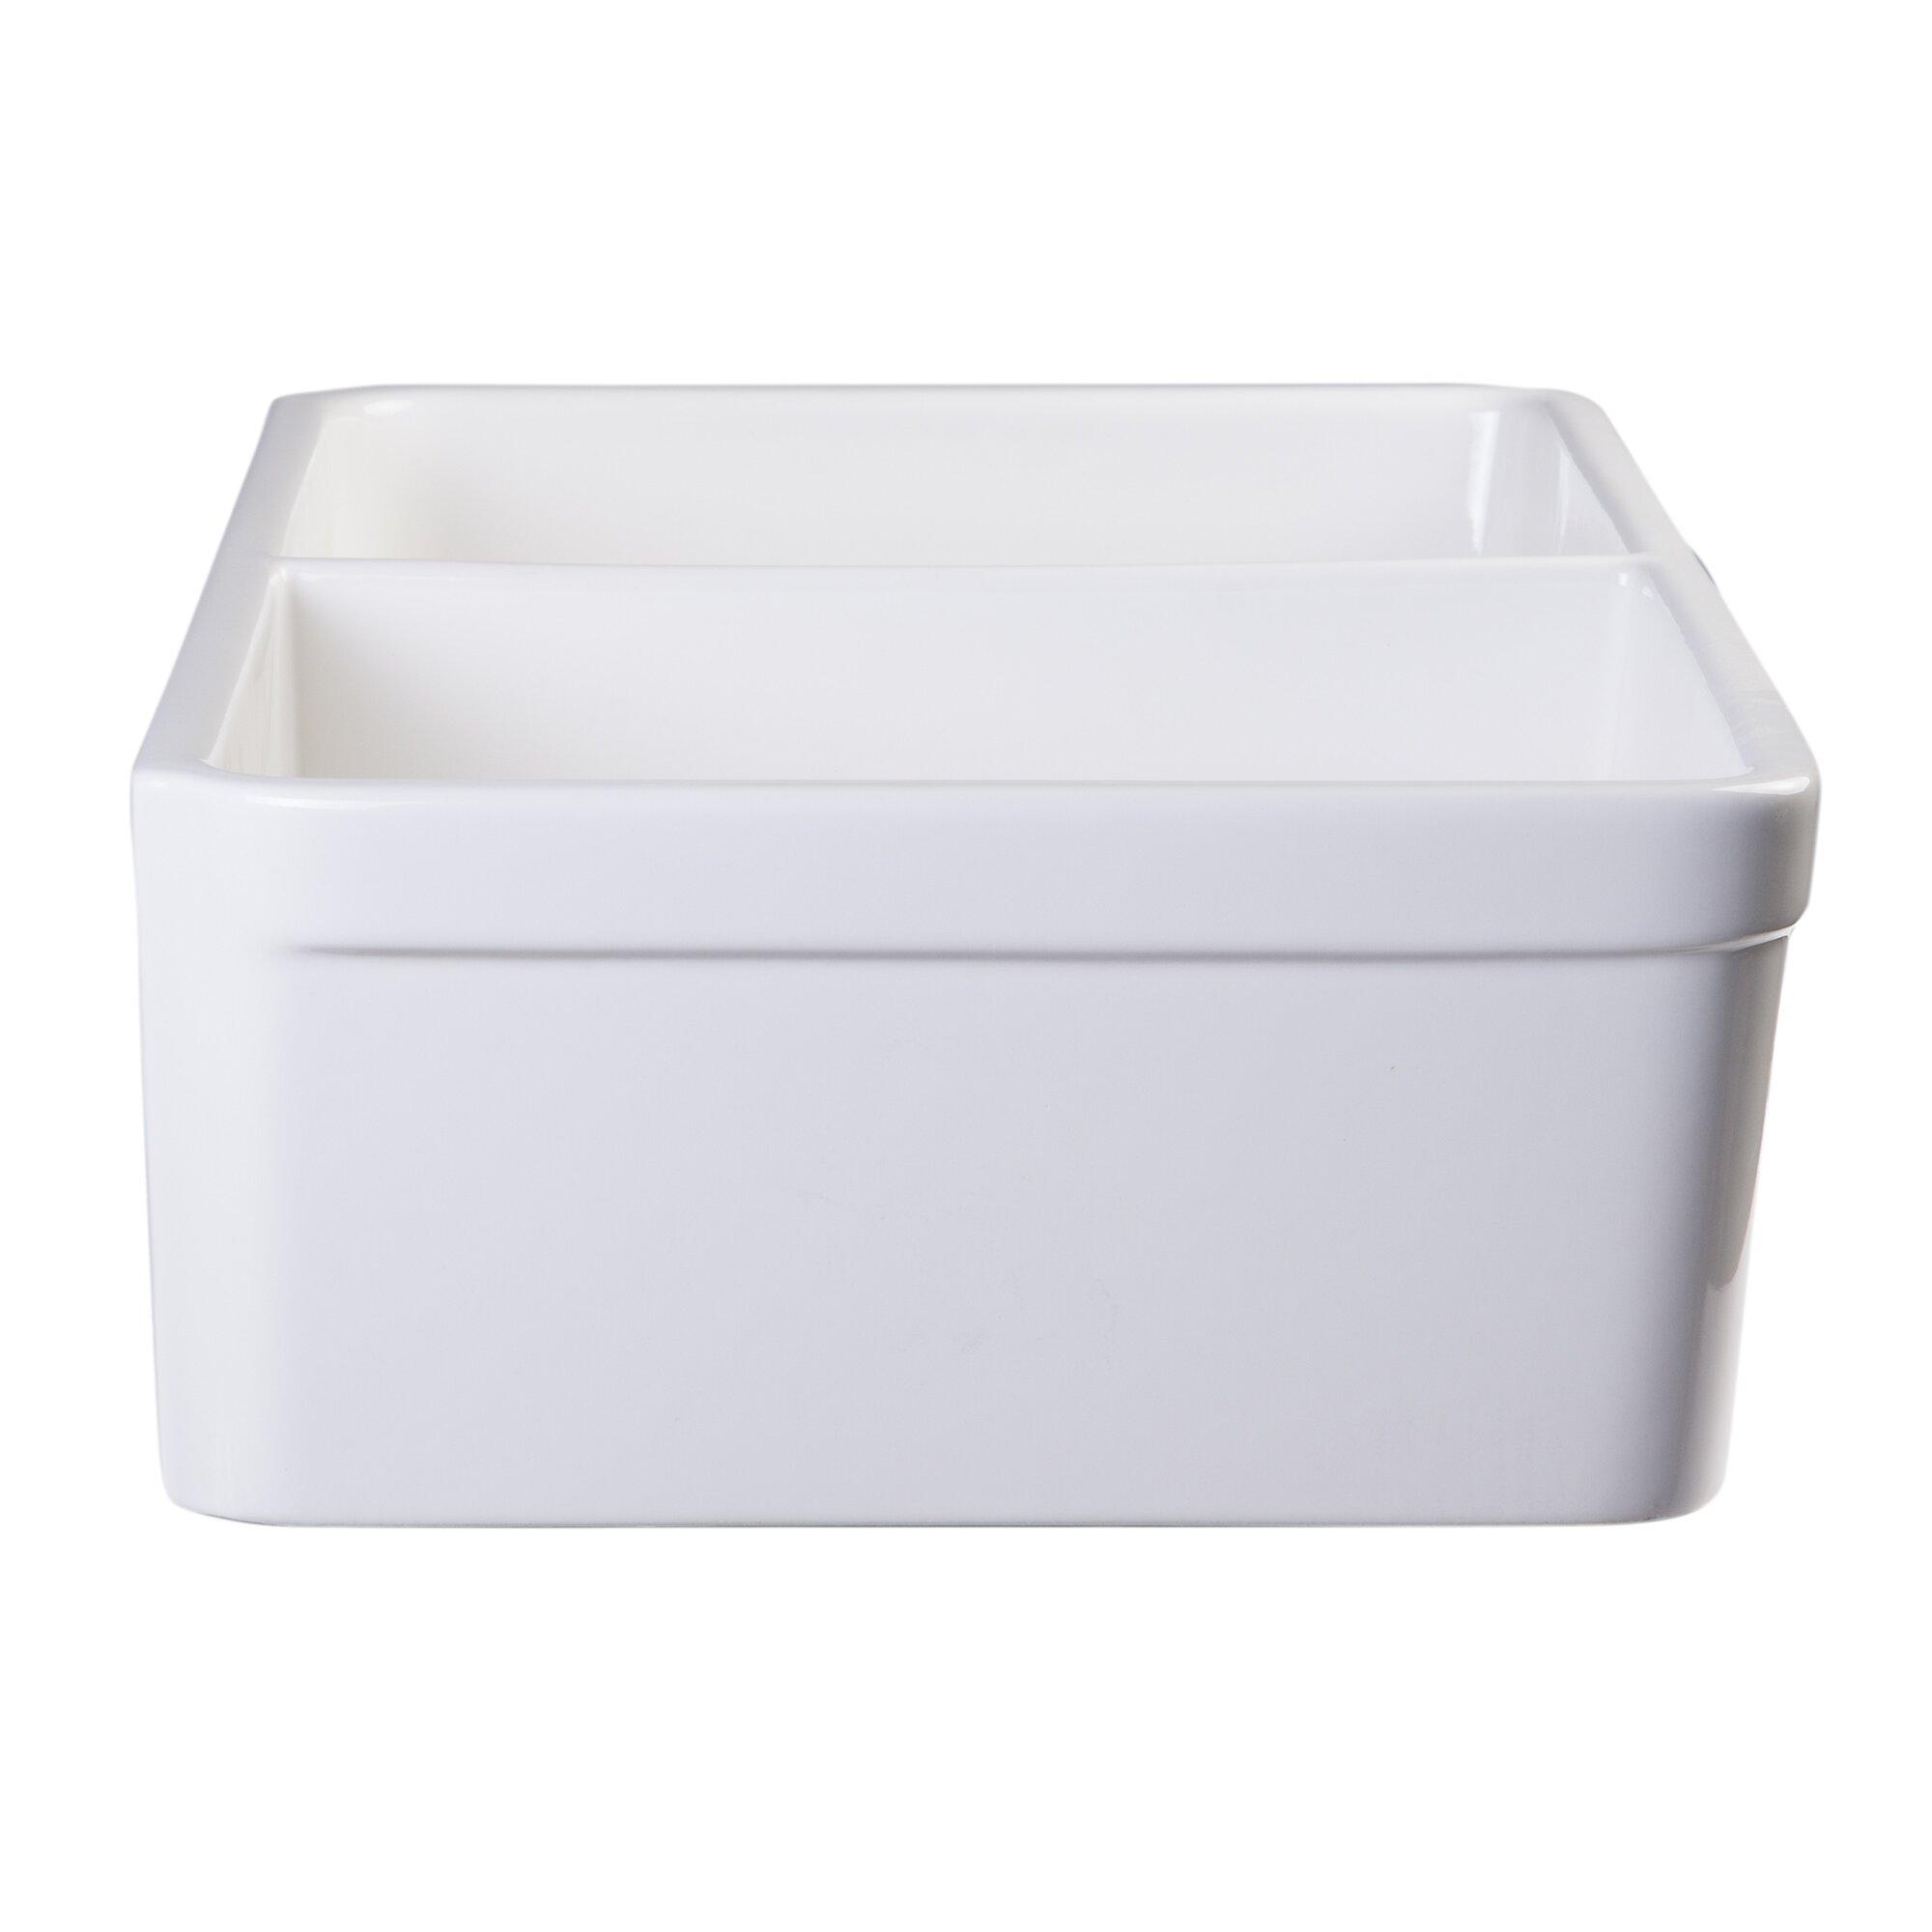 Plastic Sink Basin Tularosa 2017